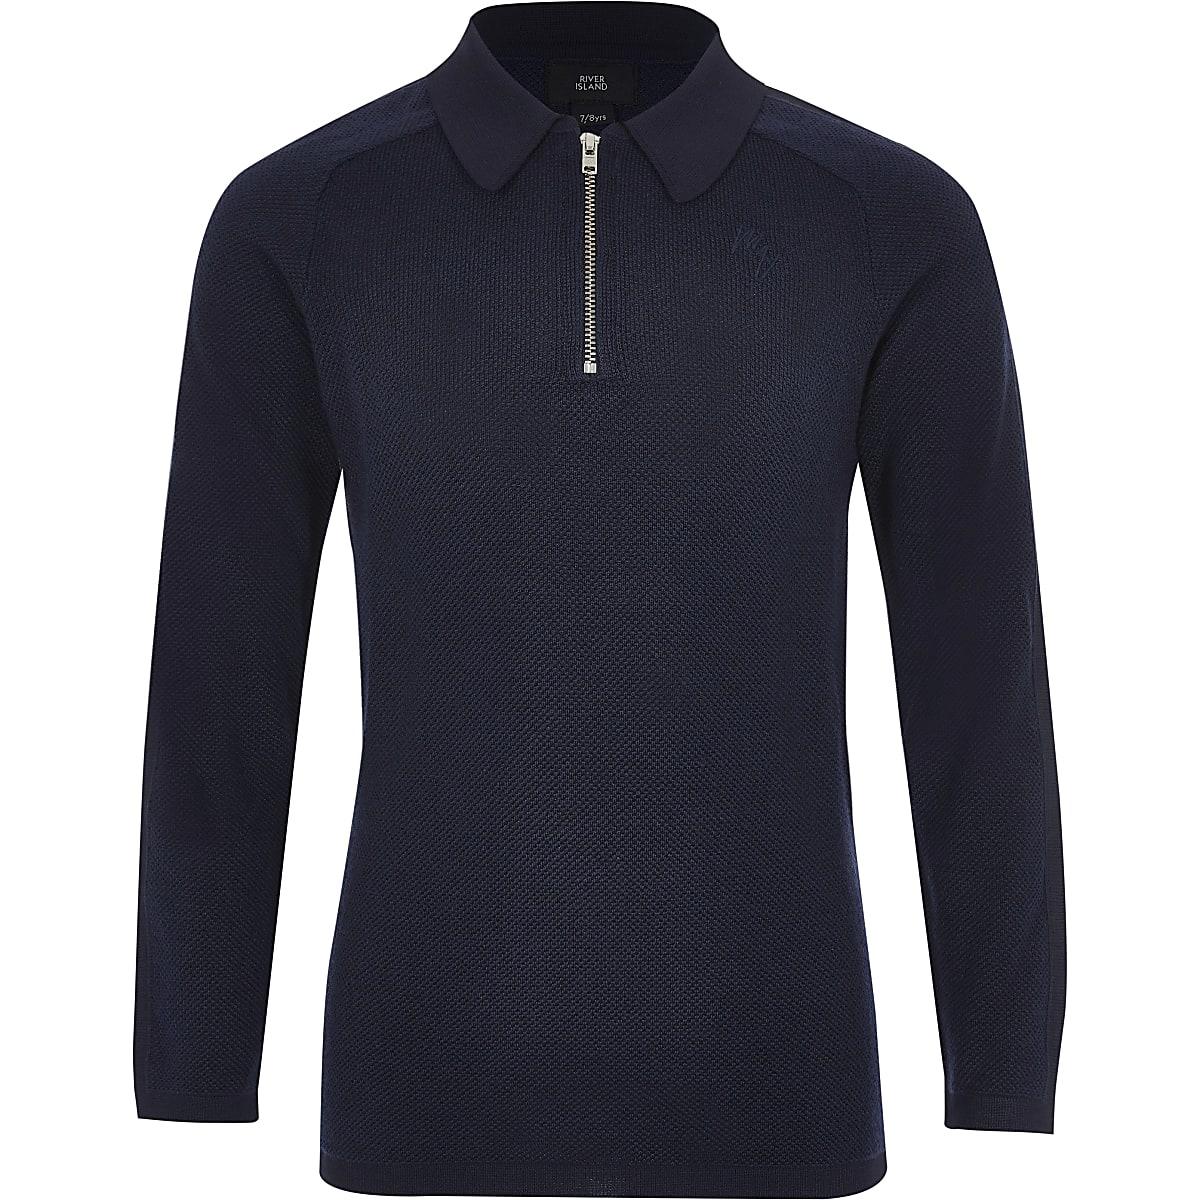 Boys navy pique long sleeve polo shirt